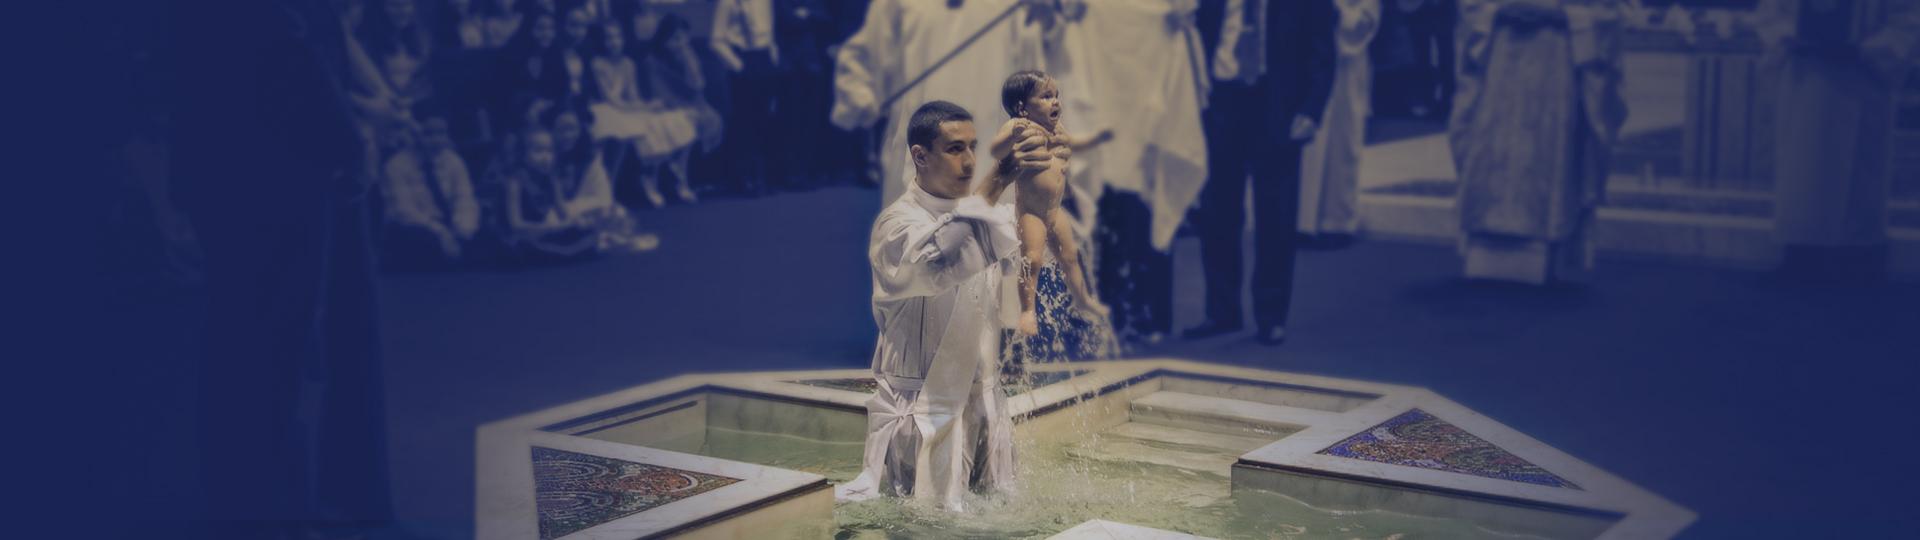 Batismo - Paróquia Nossa Senhora da Esperança, Asa Norte, Brasília-DF